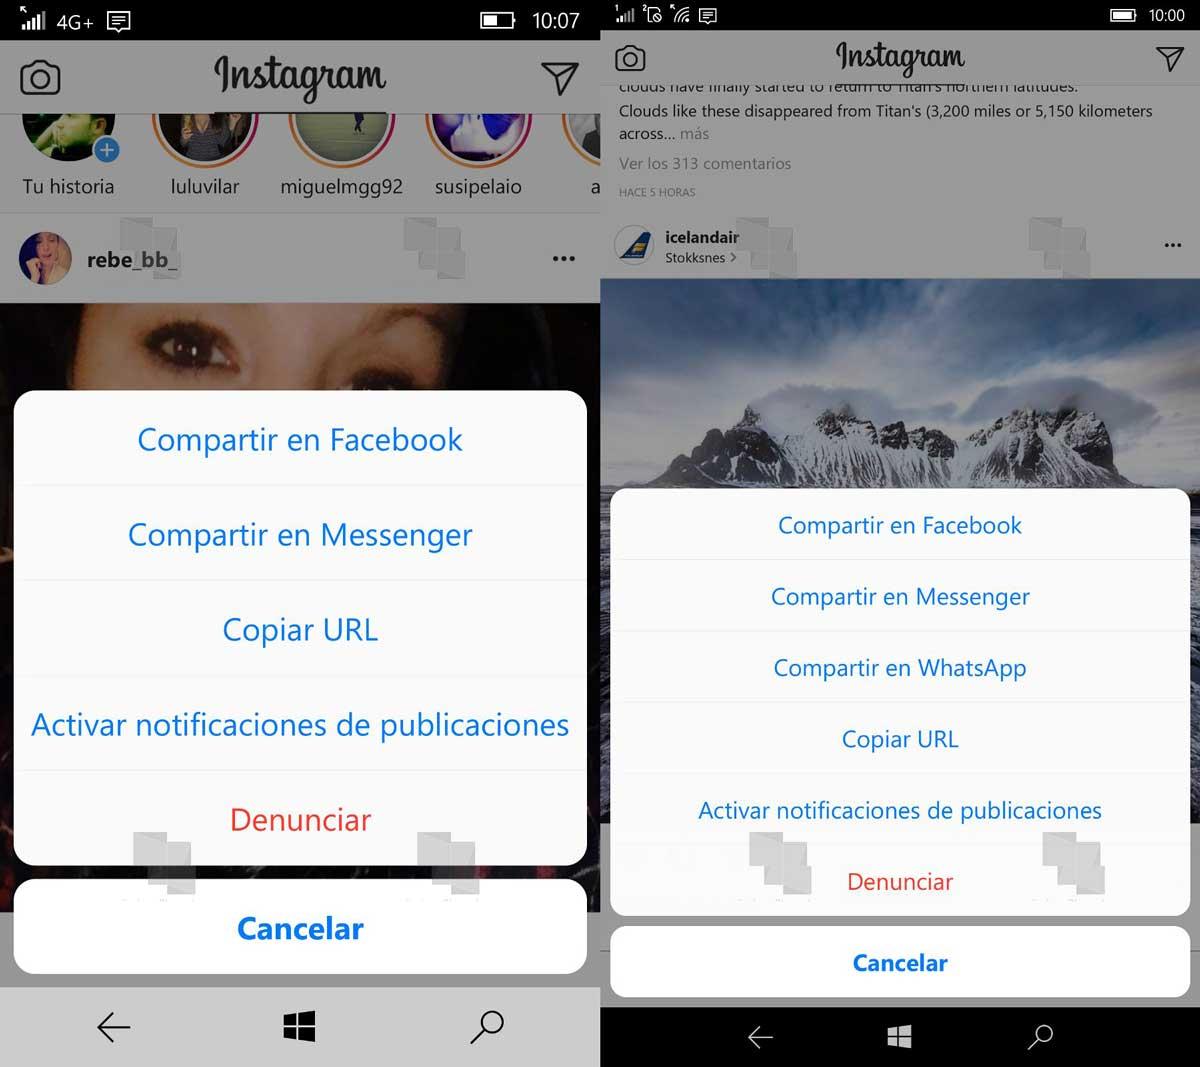 Instagram integra WhatsApp en sus opciones para compartir